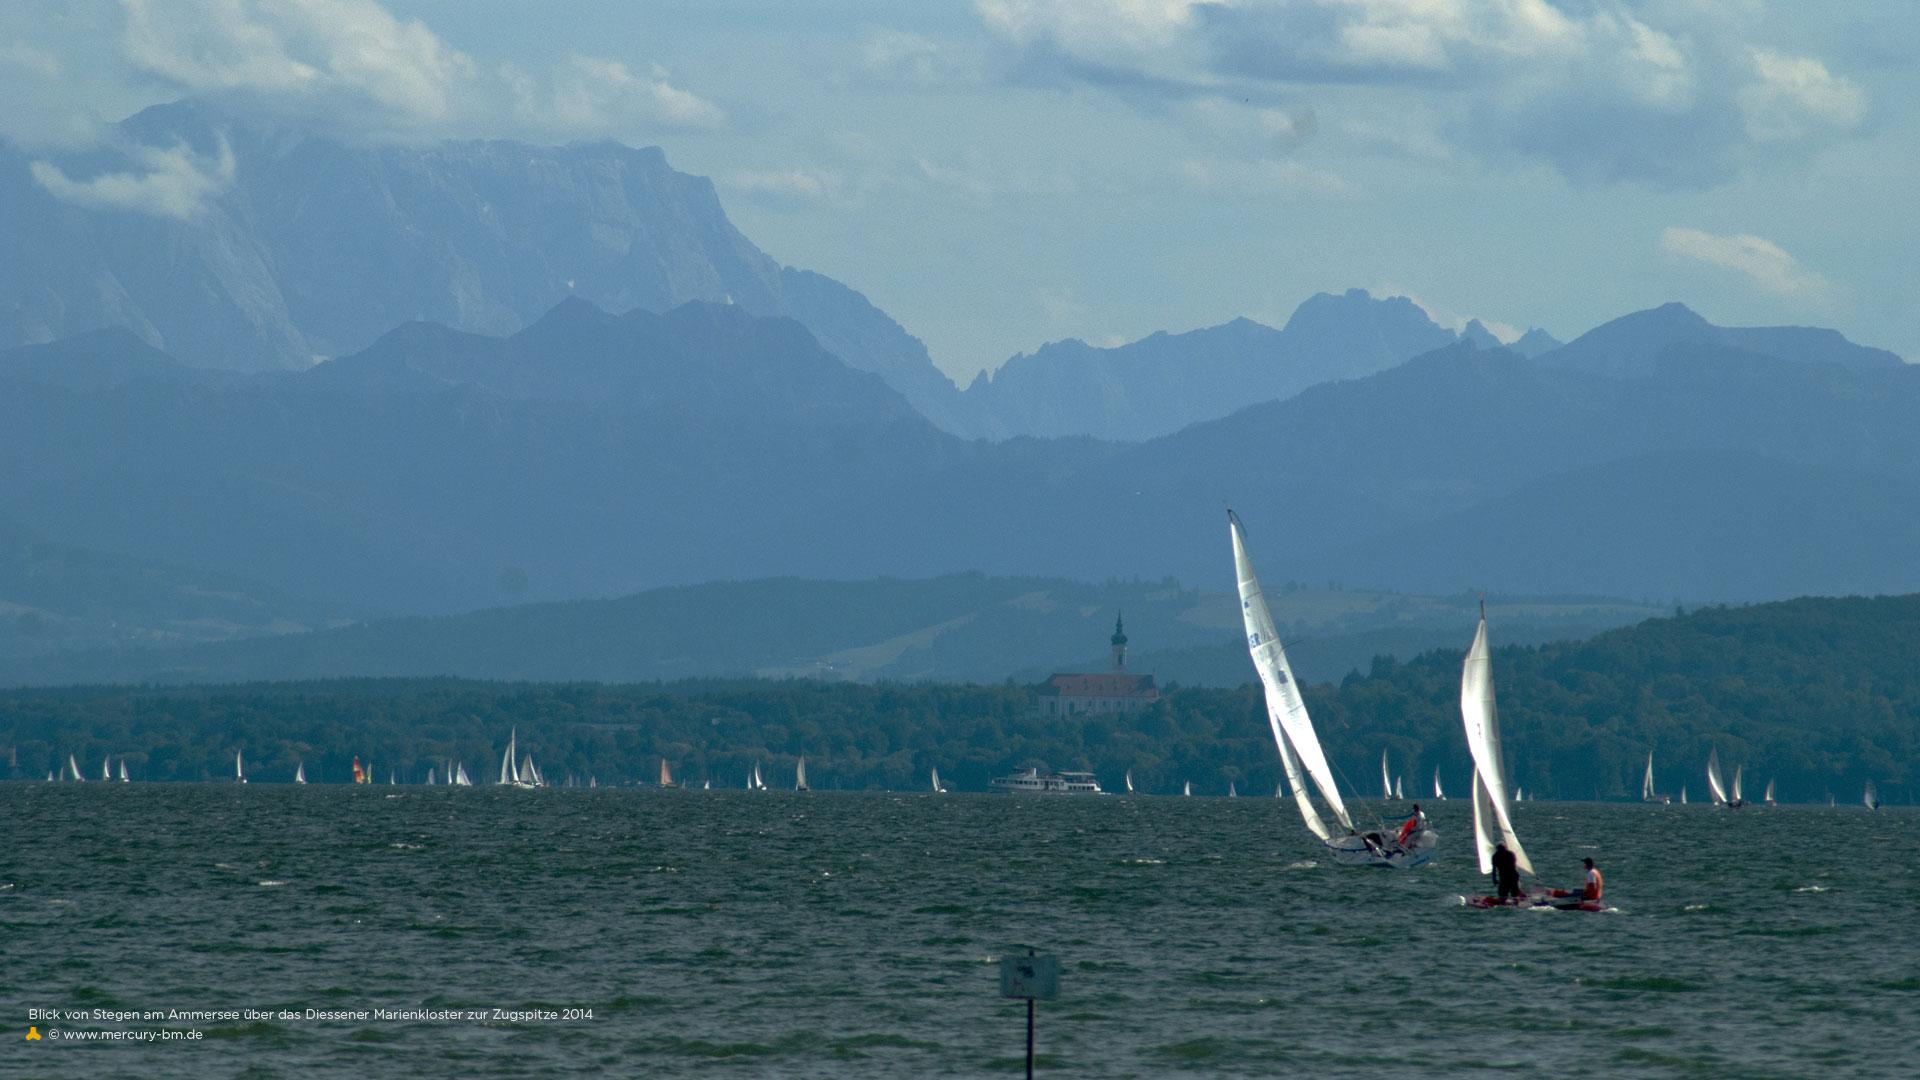 Alpenblick auf den Ammersee mit Segelbooten über Diessen zur Zugspitze